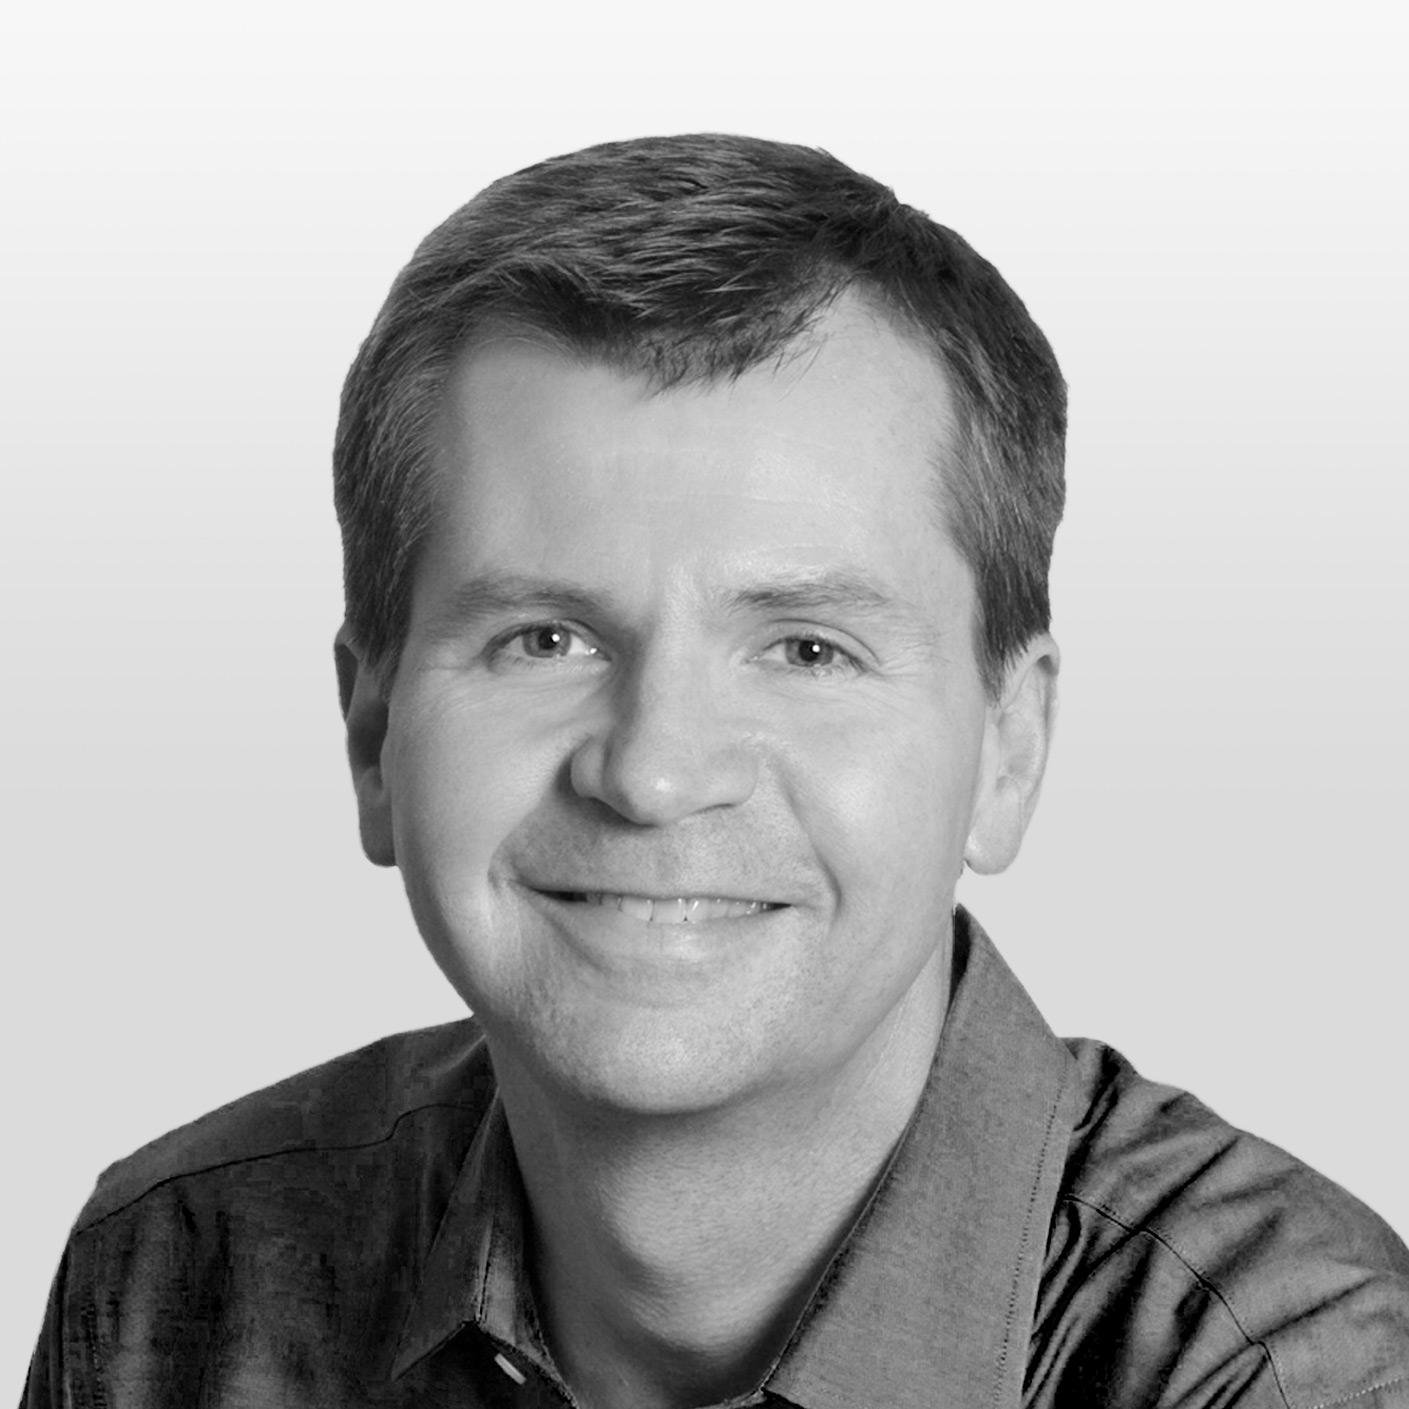 Headshot of Marty Roberts